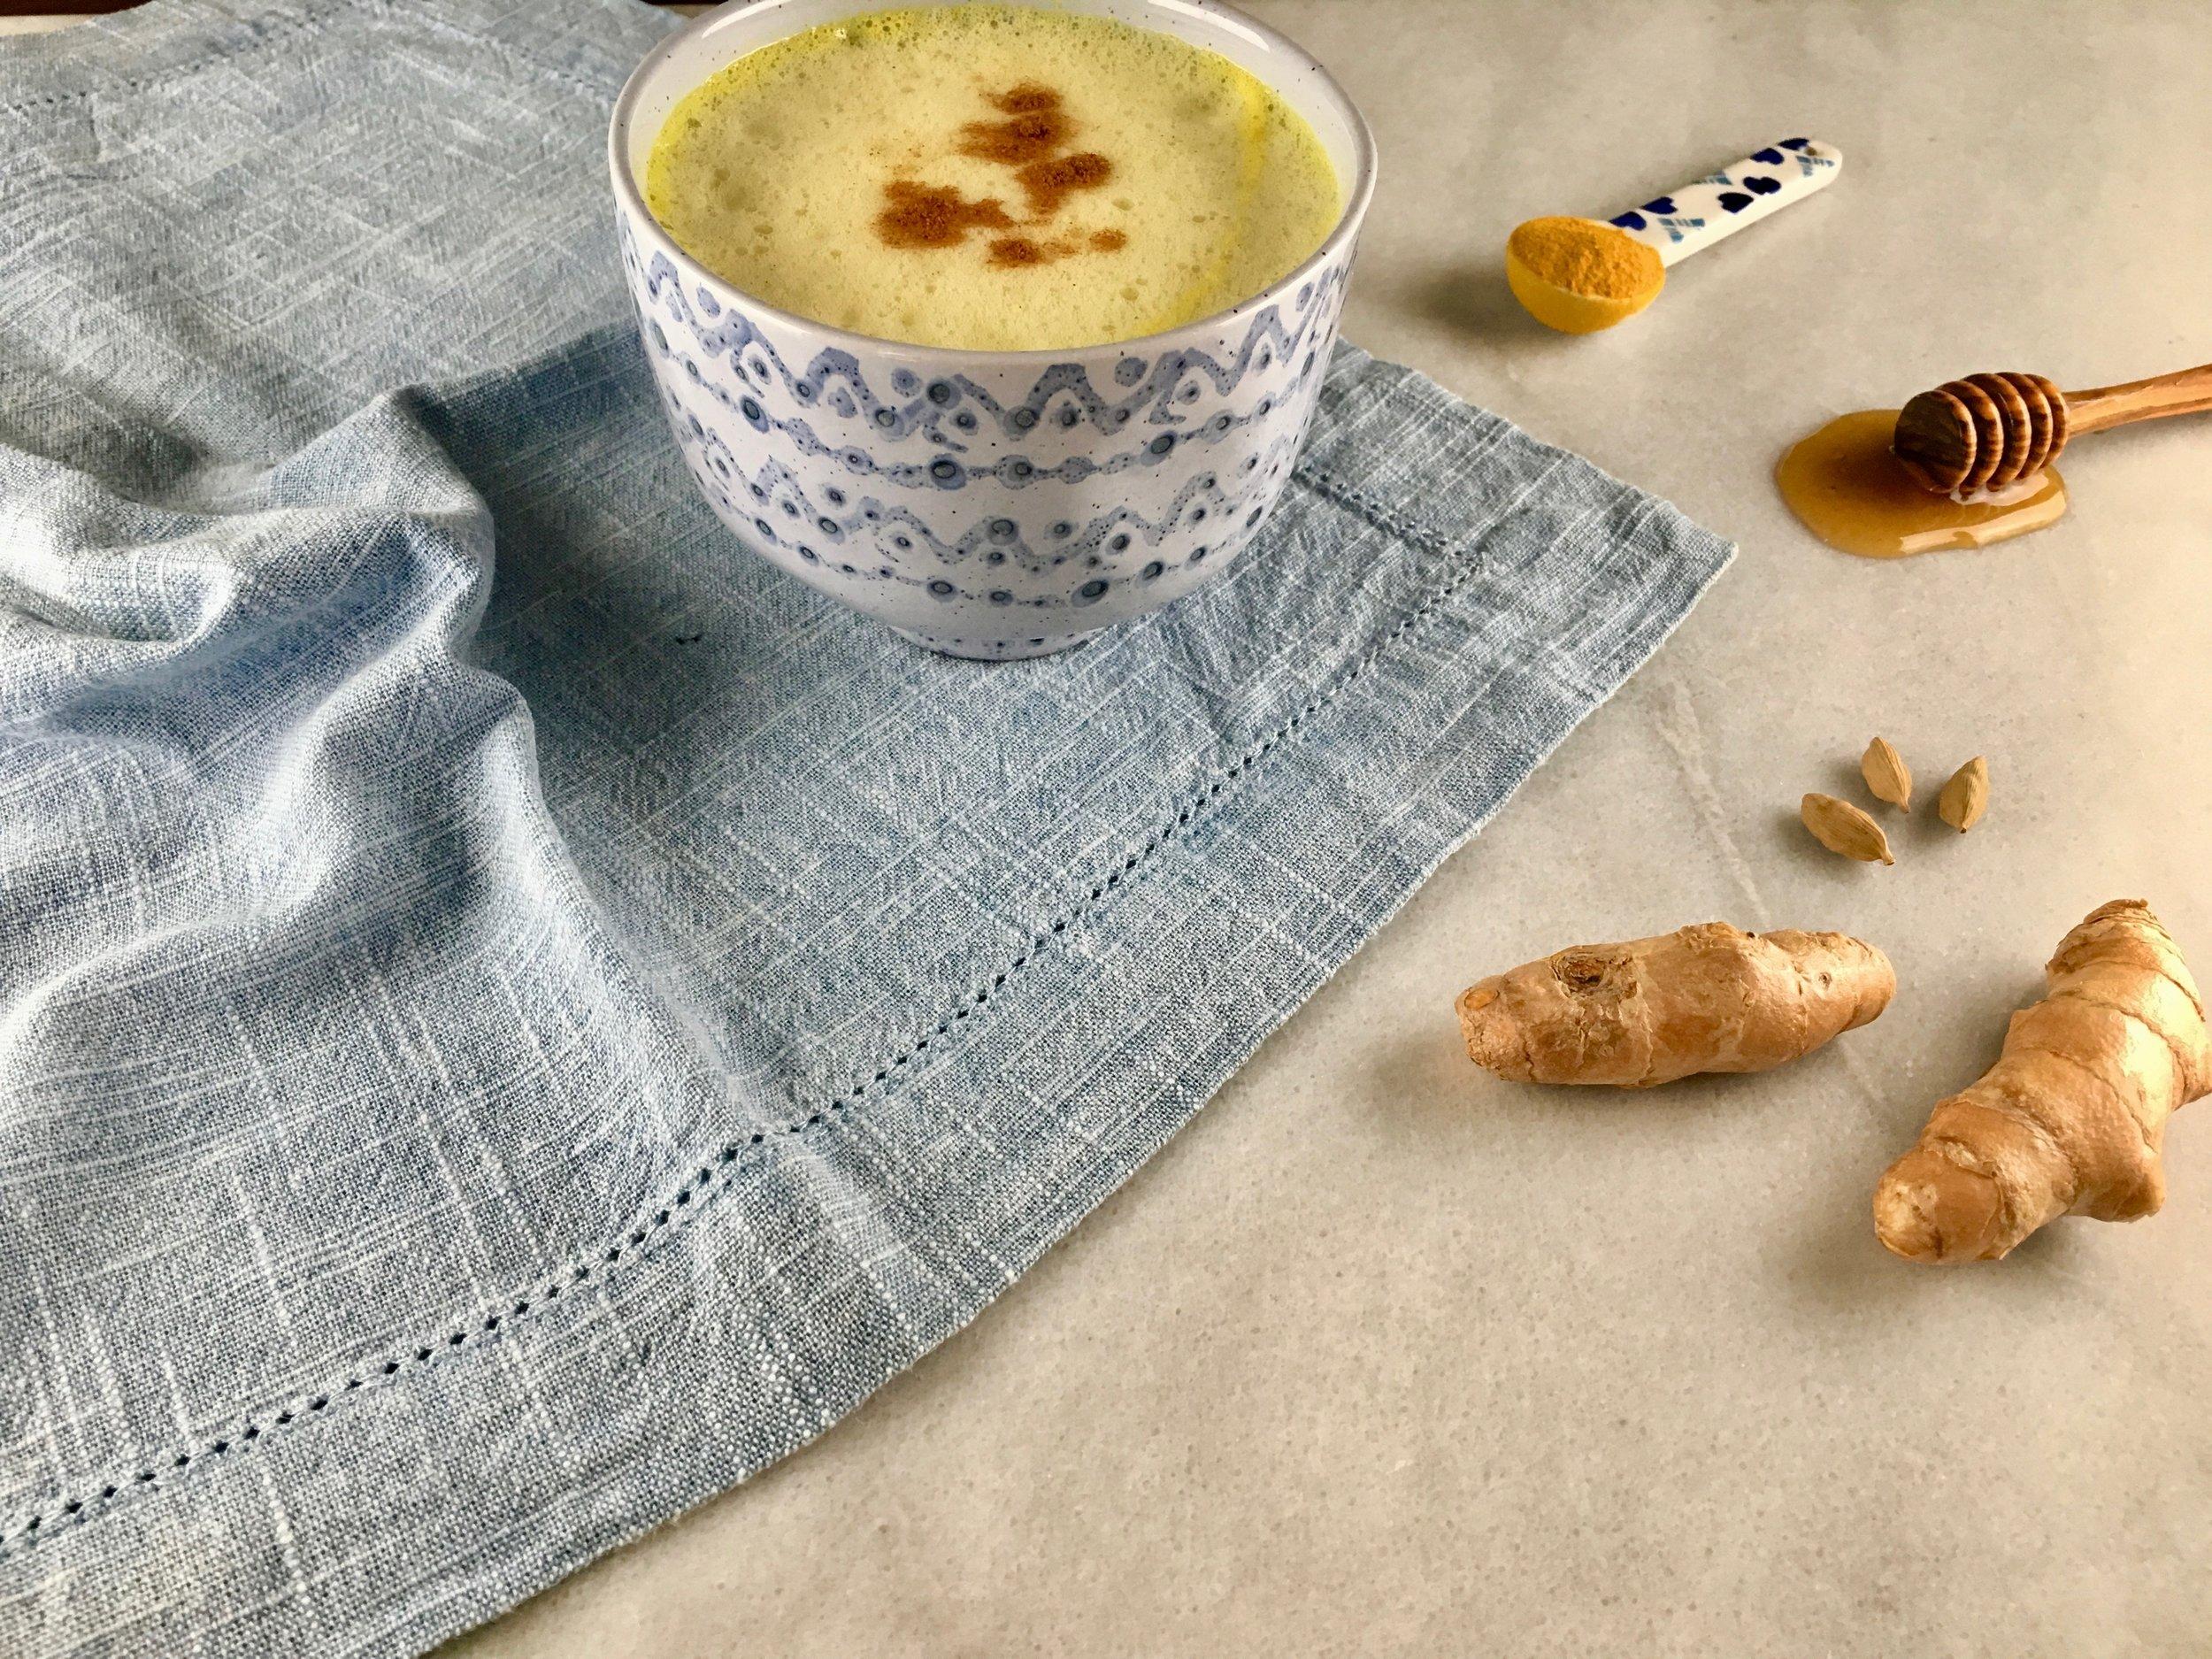 2.体を温める - 生姜。すりおろして豆腐に乗せたり、みそ汁やスープに加えたりする。